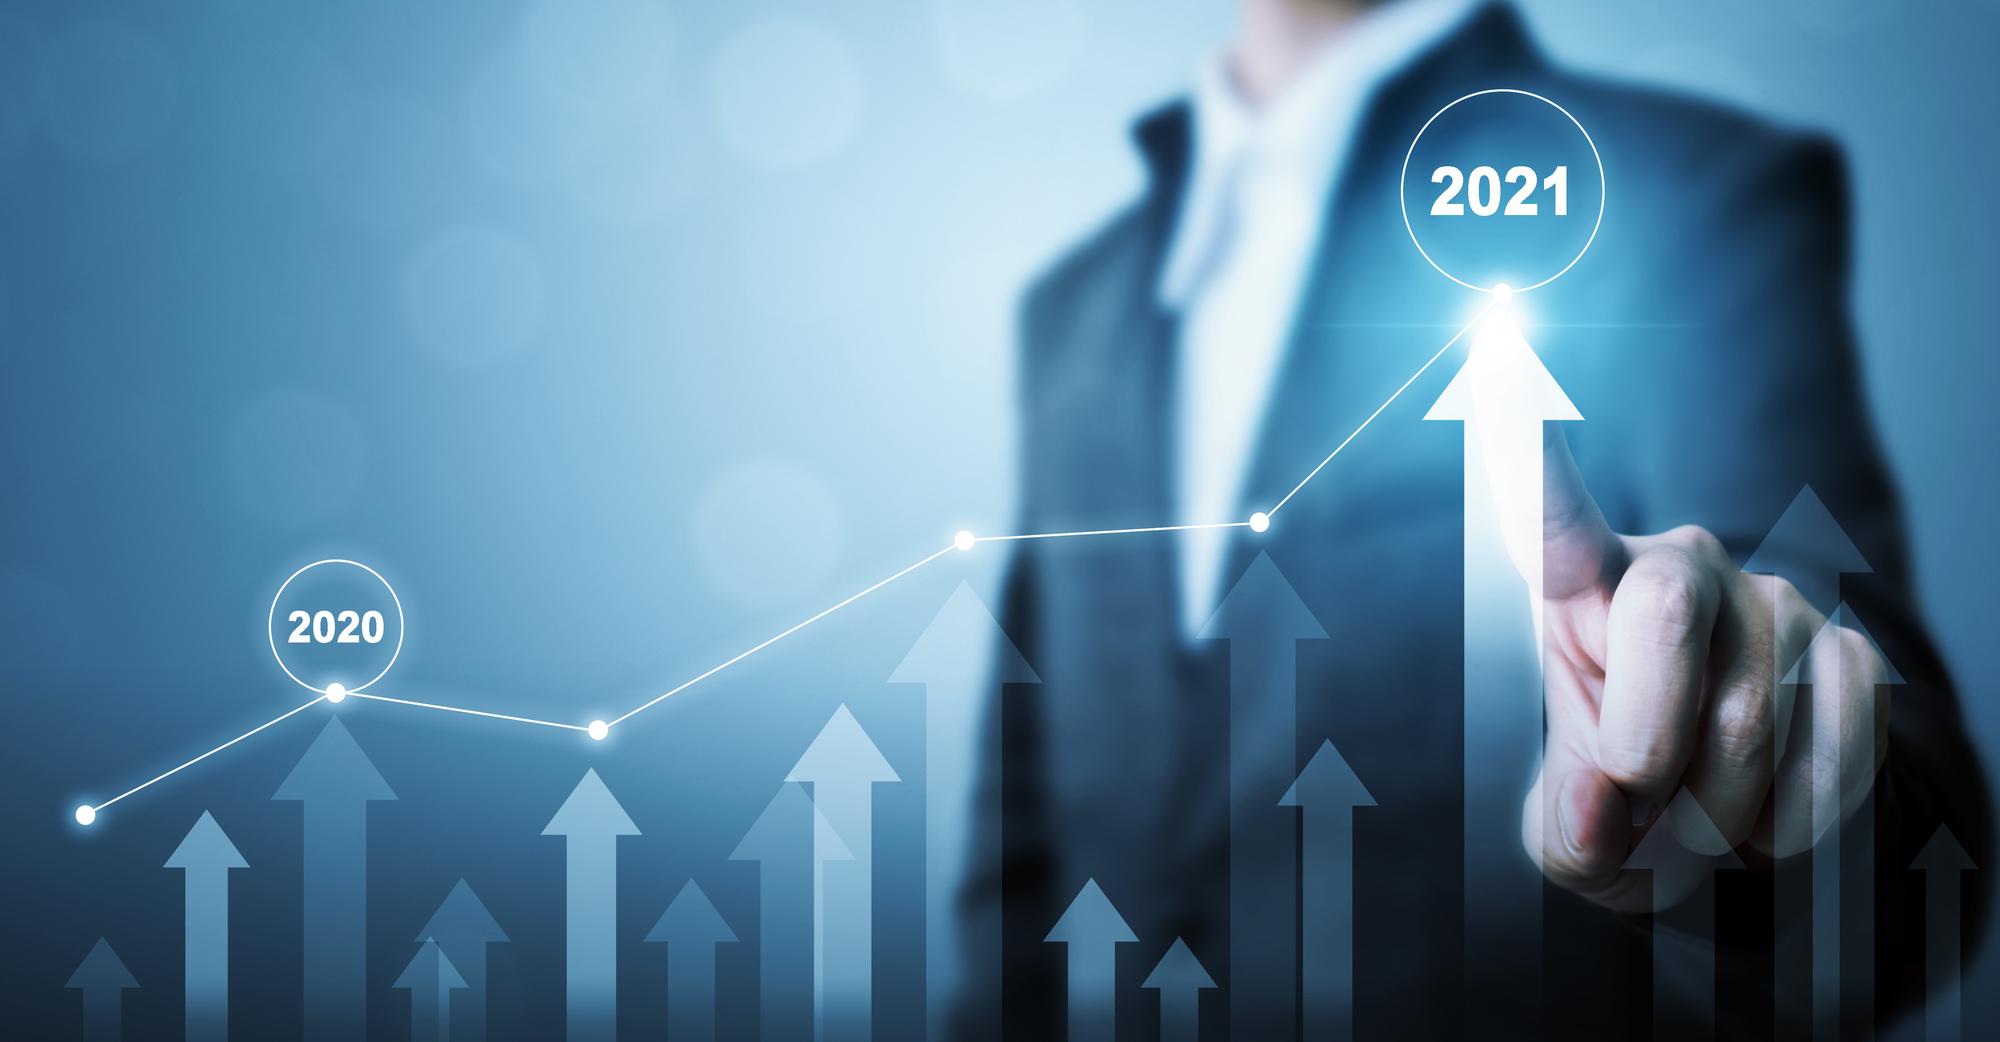 2021年のアジア経済展望〜21世紀のアジアとアフリカの潜在力